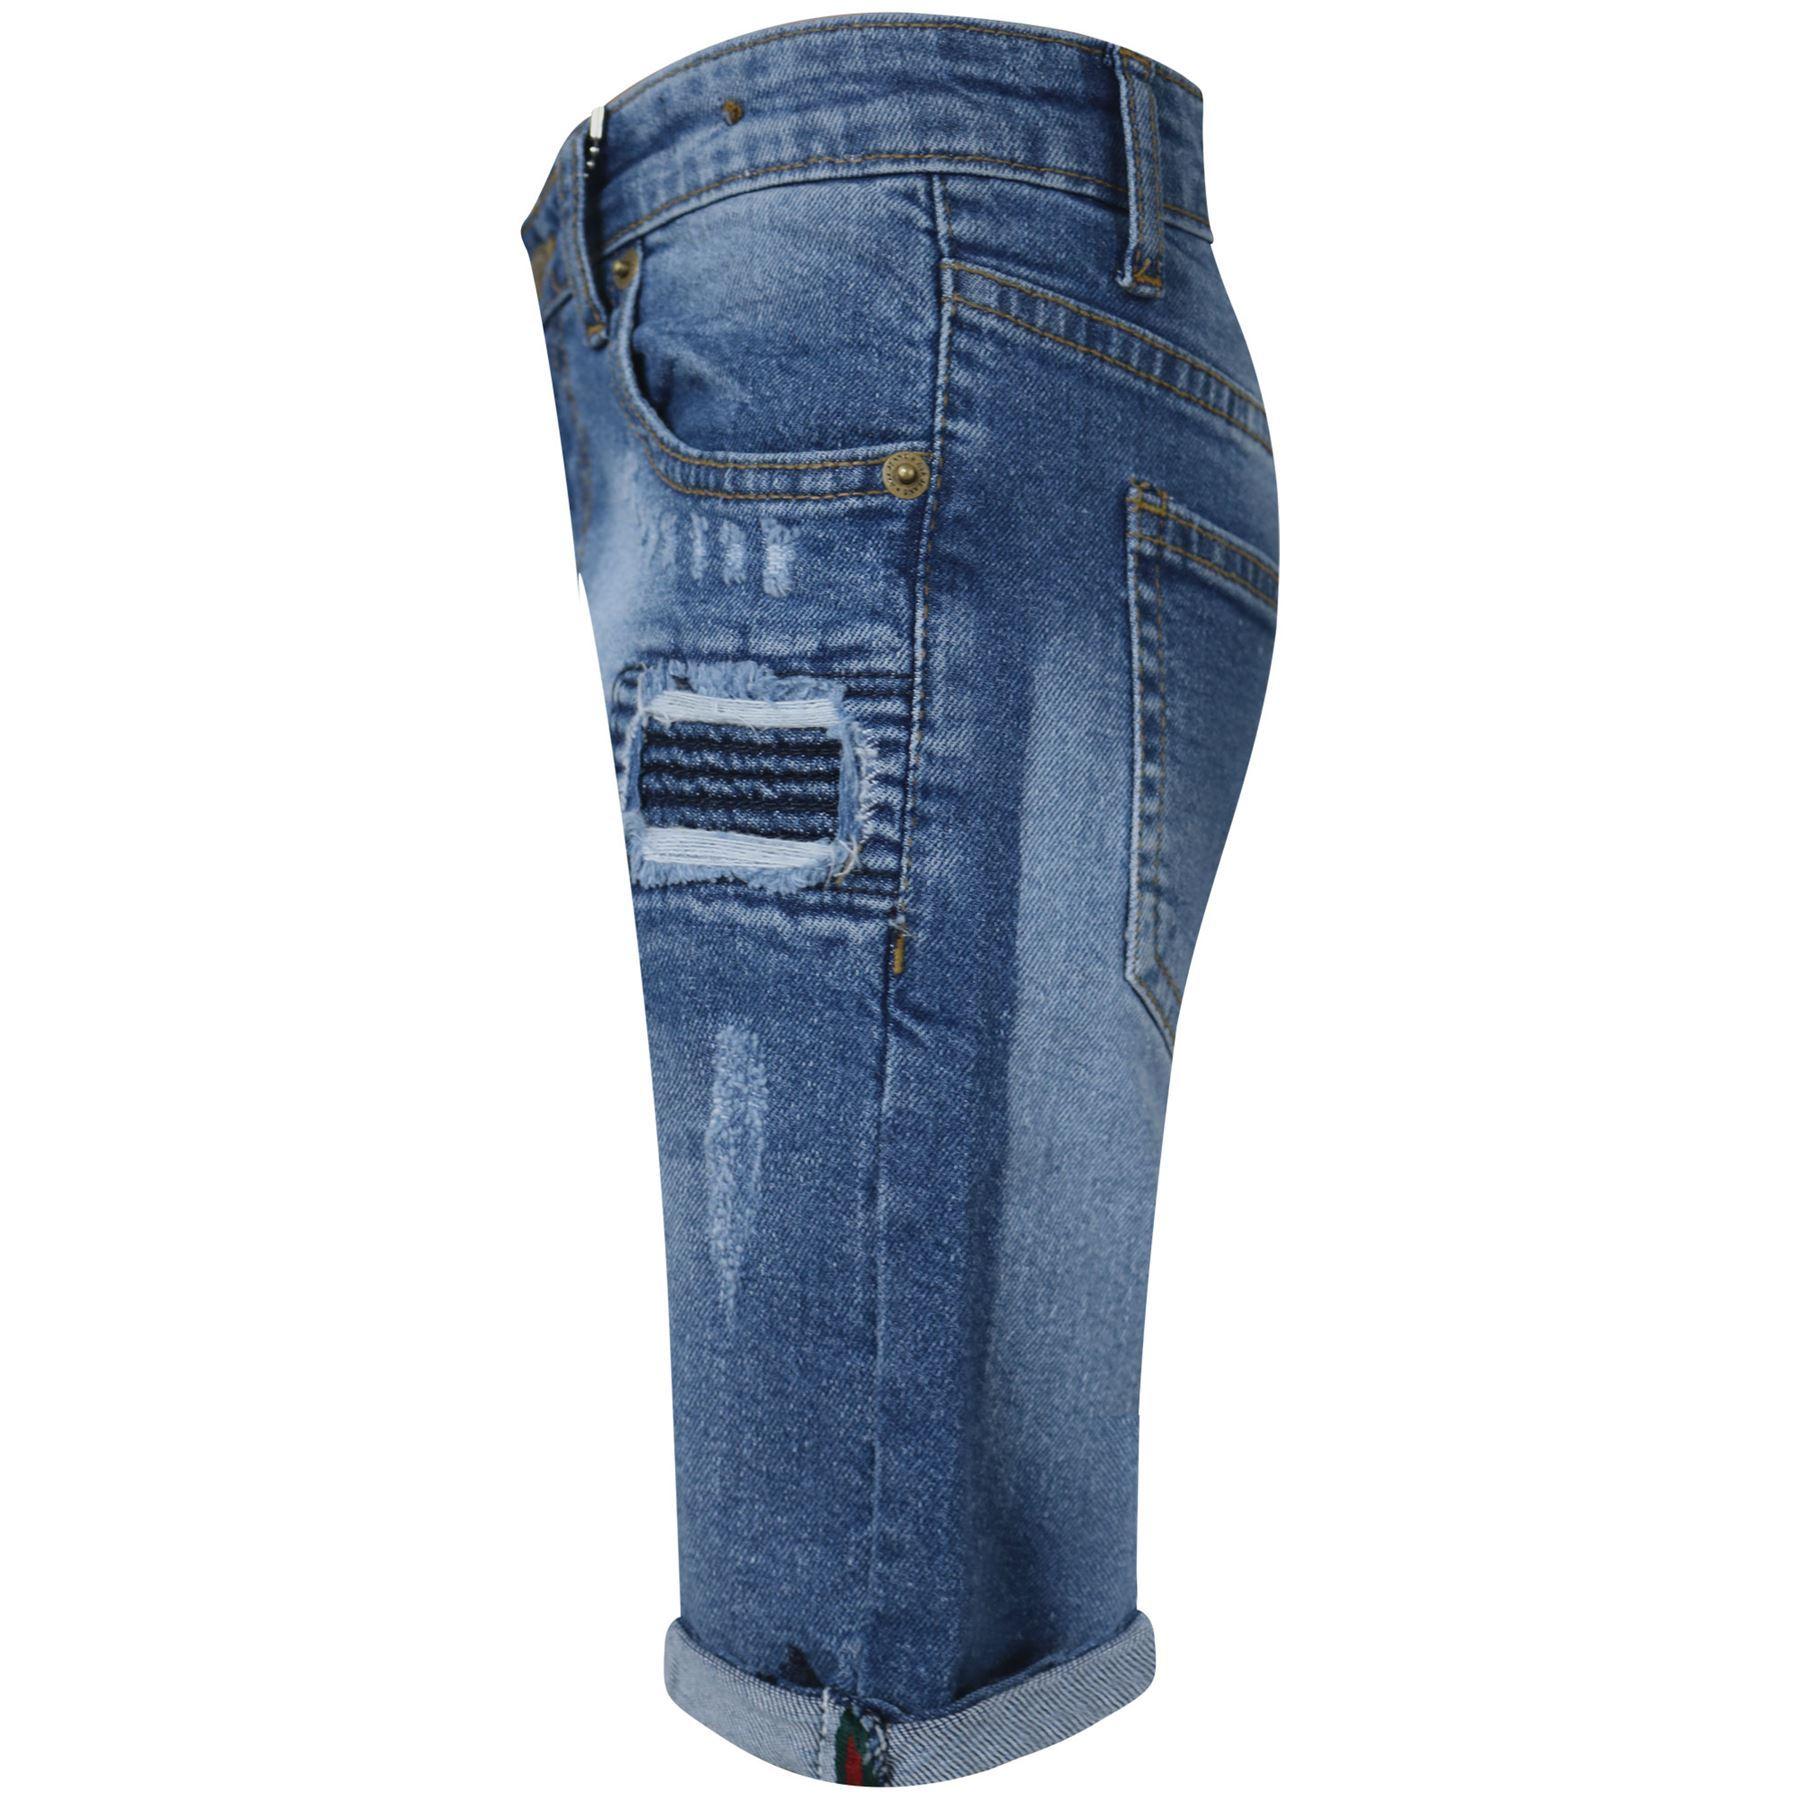 Bambini Ragazzi Pantaloncini Denim Strappato Chino Bermuda Jeans corto al ginocchio età 5-13 anni